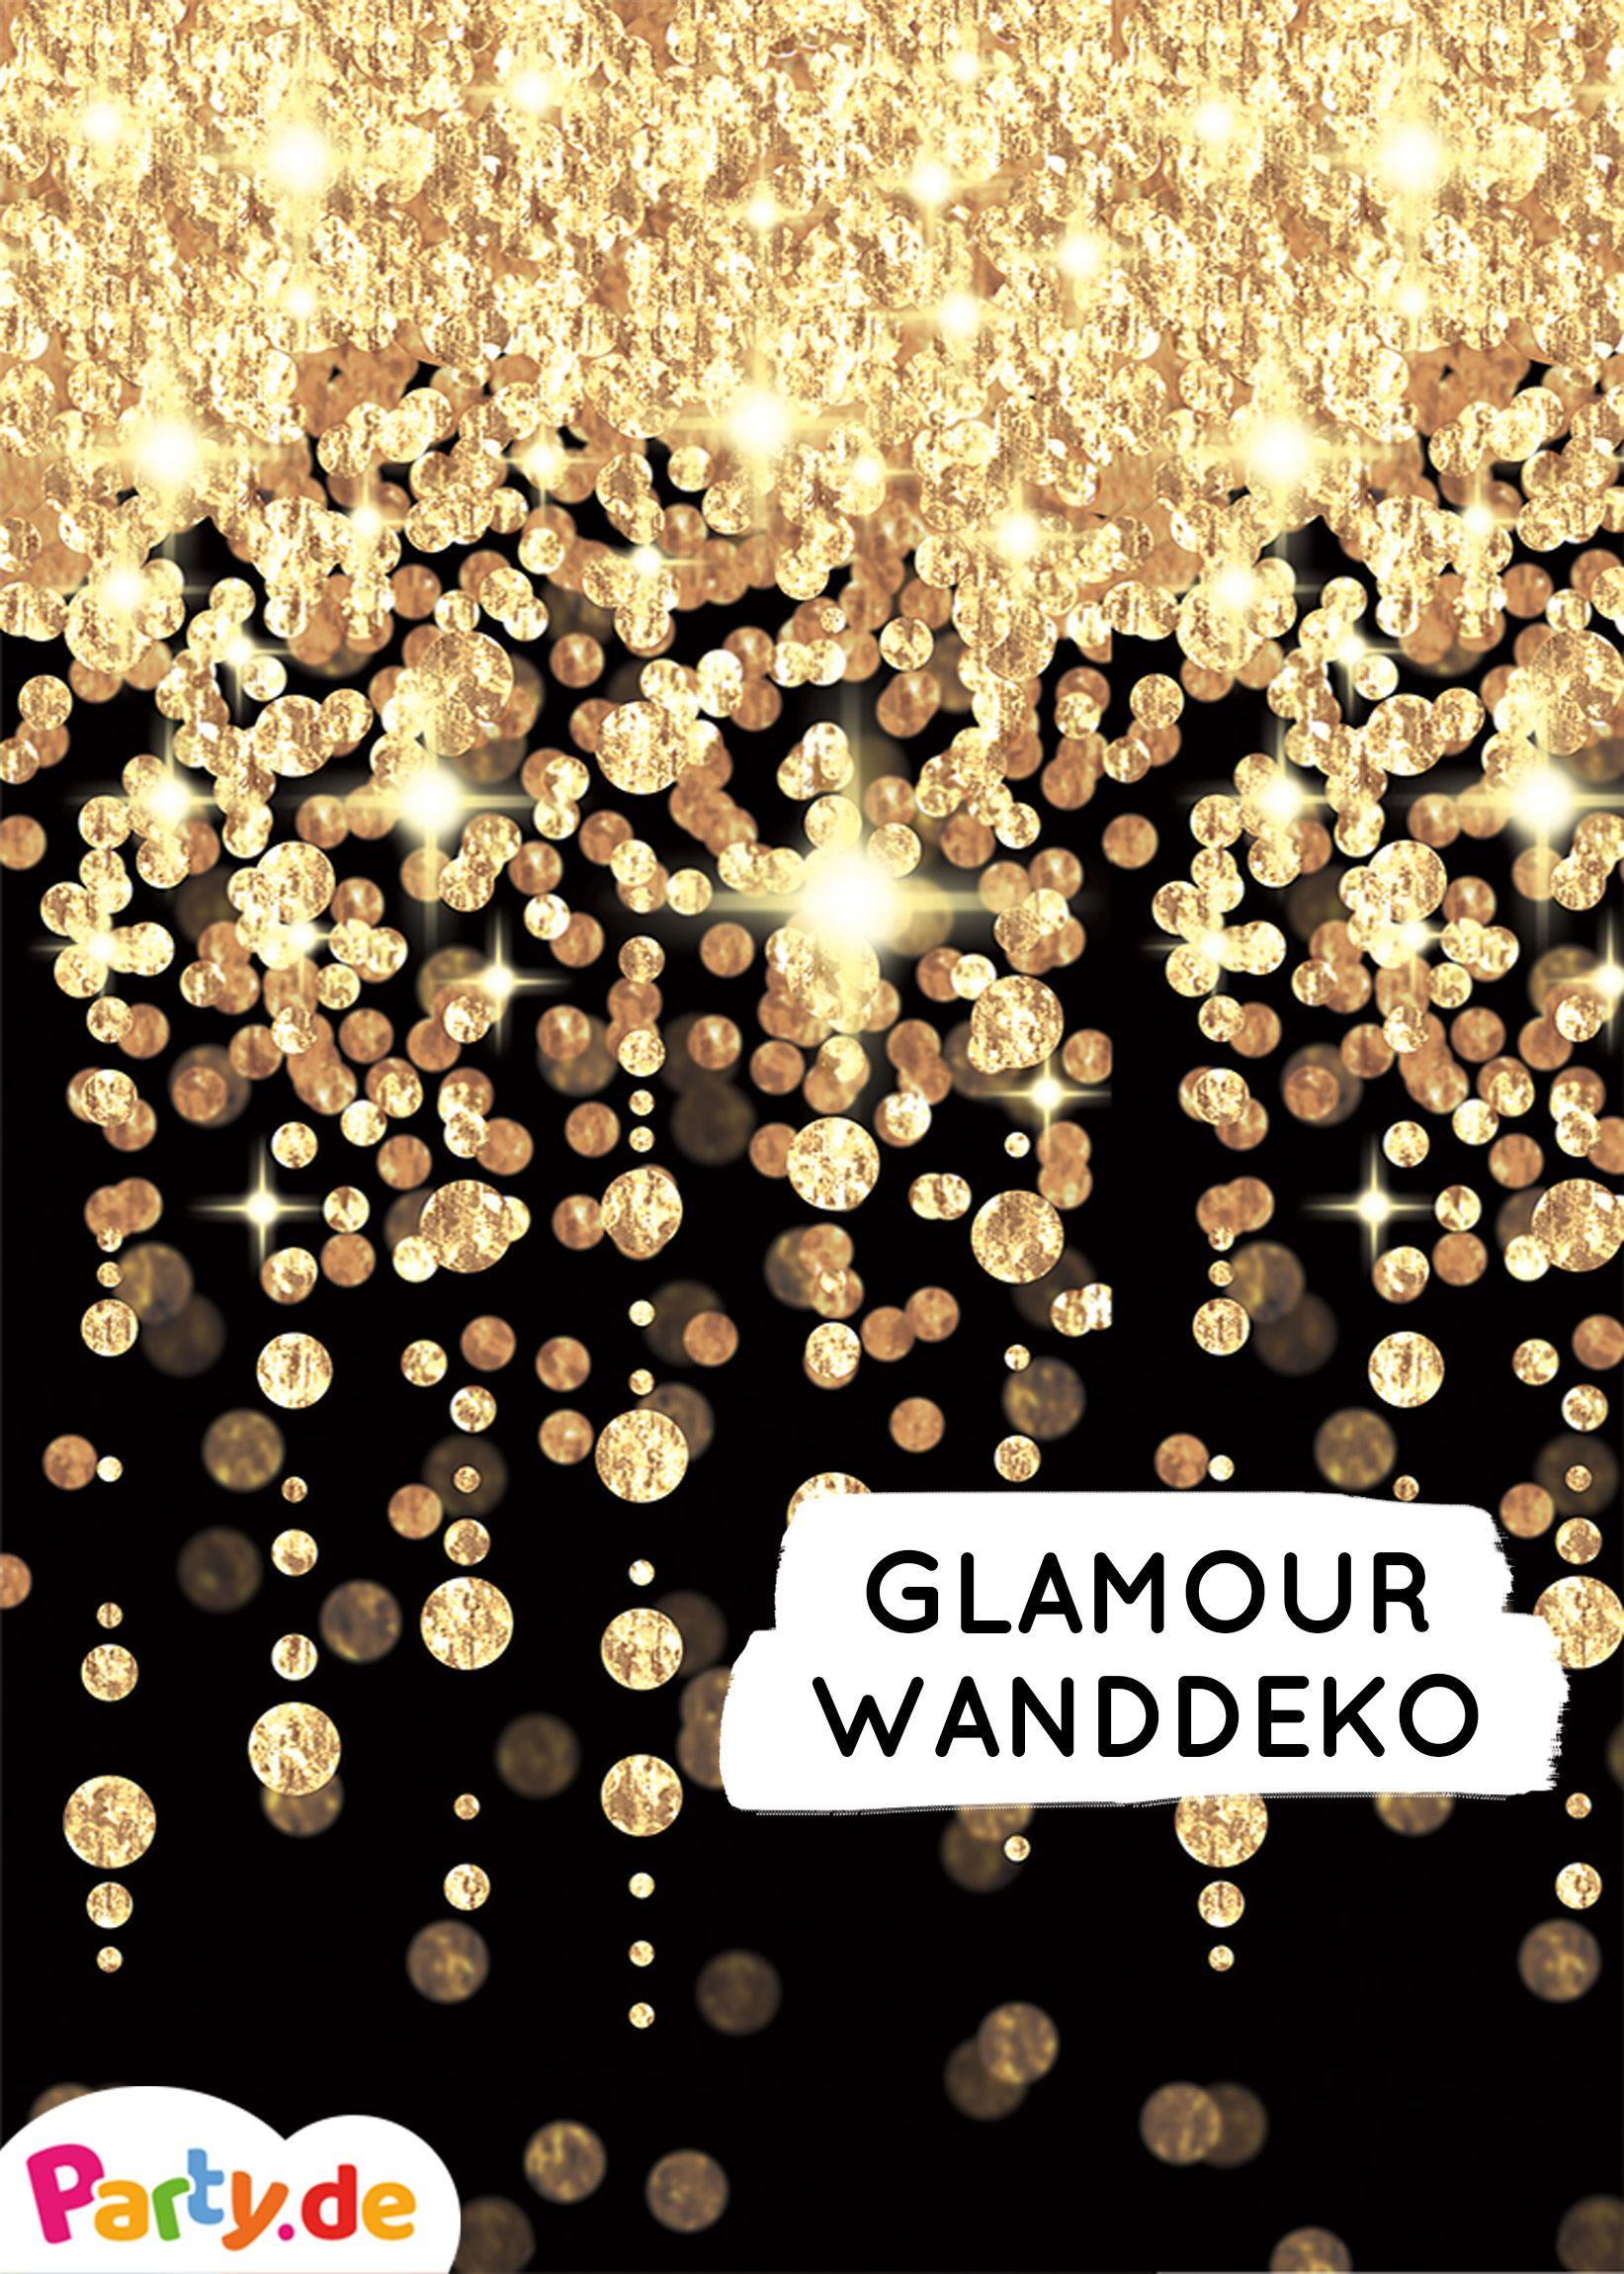 Sparkling Glanz Glamour Wandfolie 120cm X 12m Gatsby Glamour